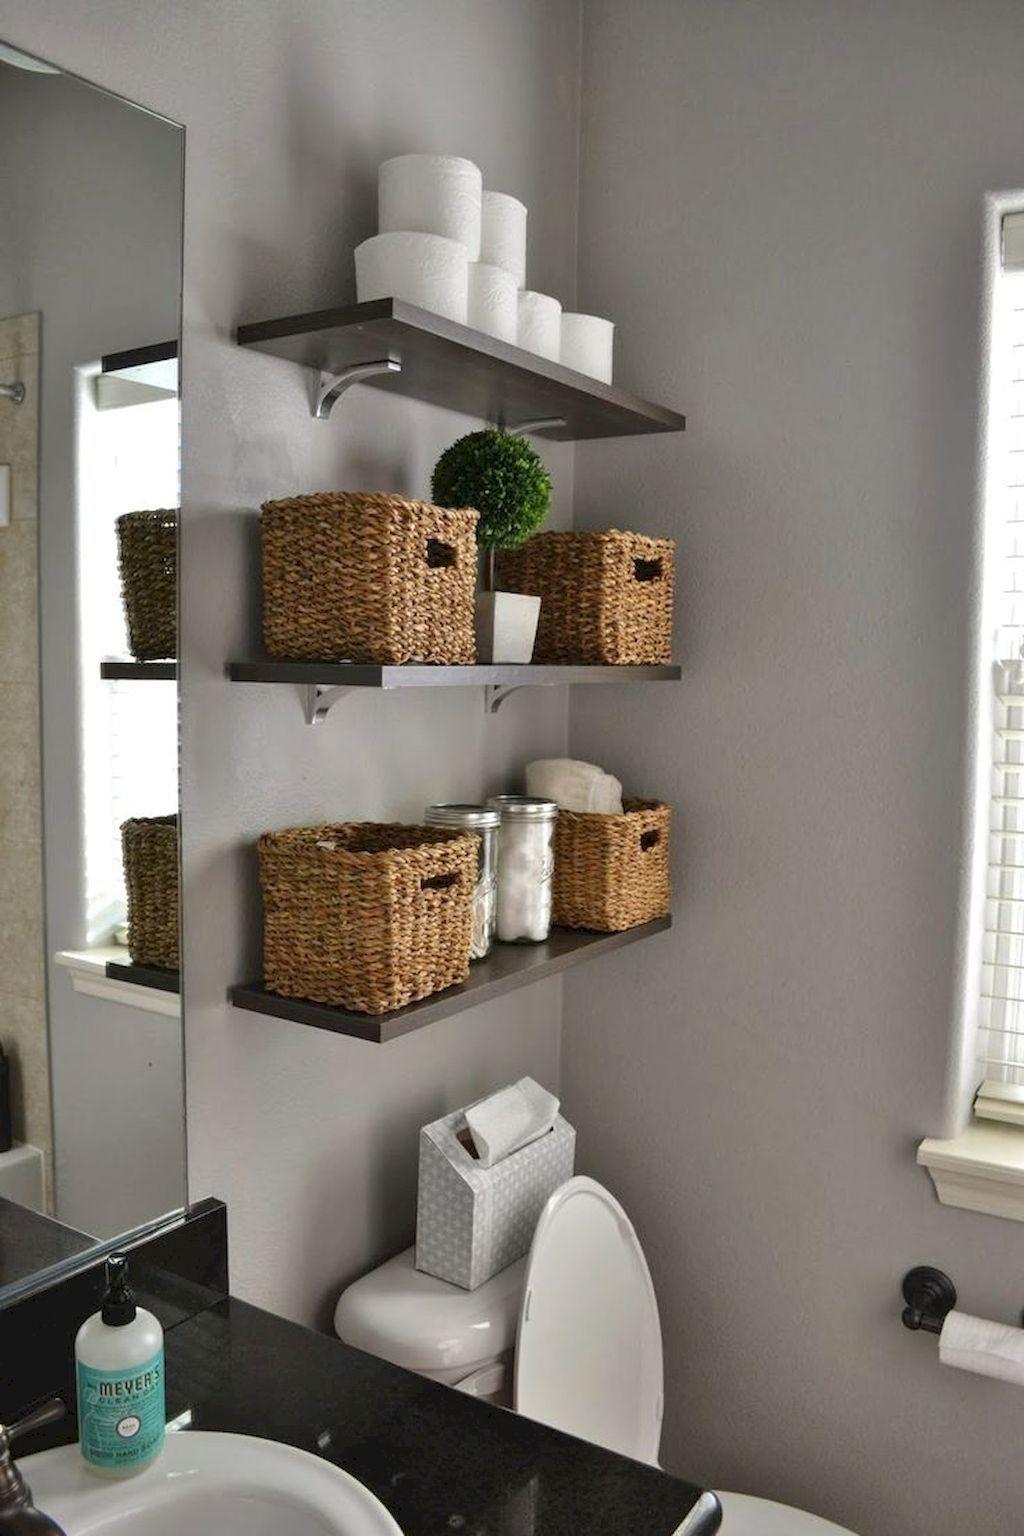 Photo of 60+ einfache und effektive Ideen für kleine Badezimmerorganisationen | Elonahome.com – bathroom